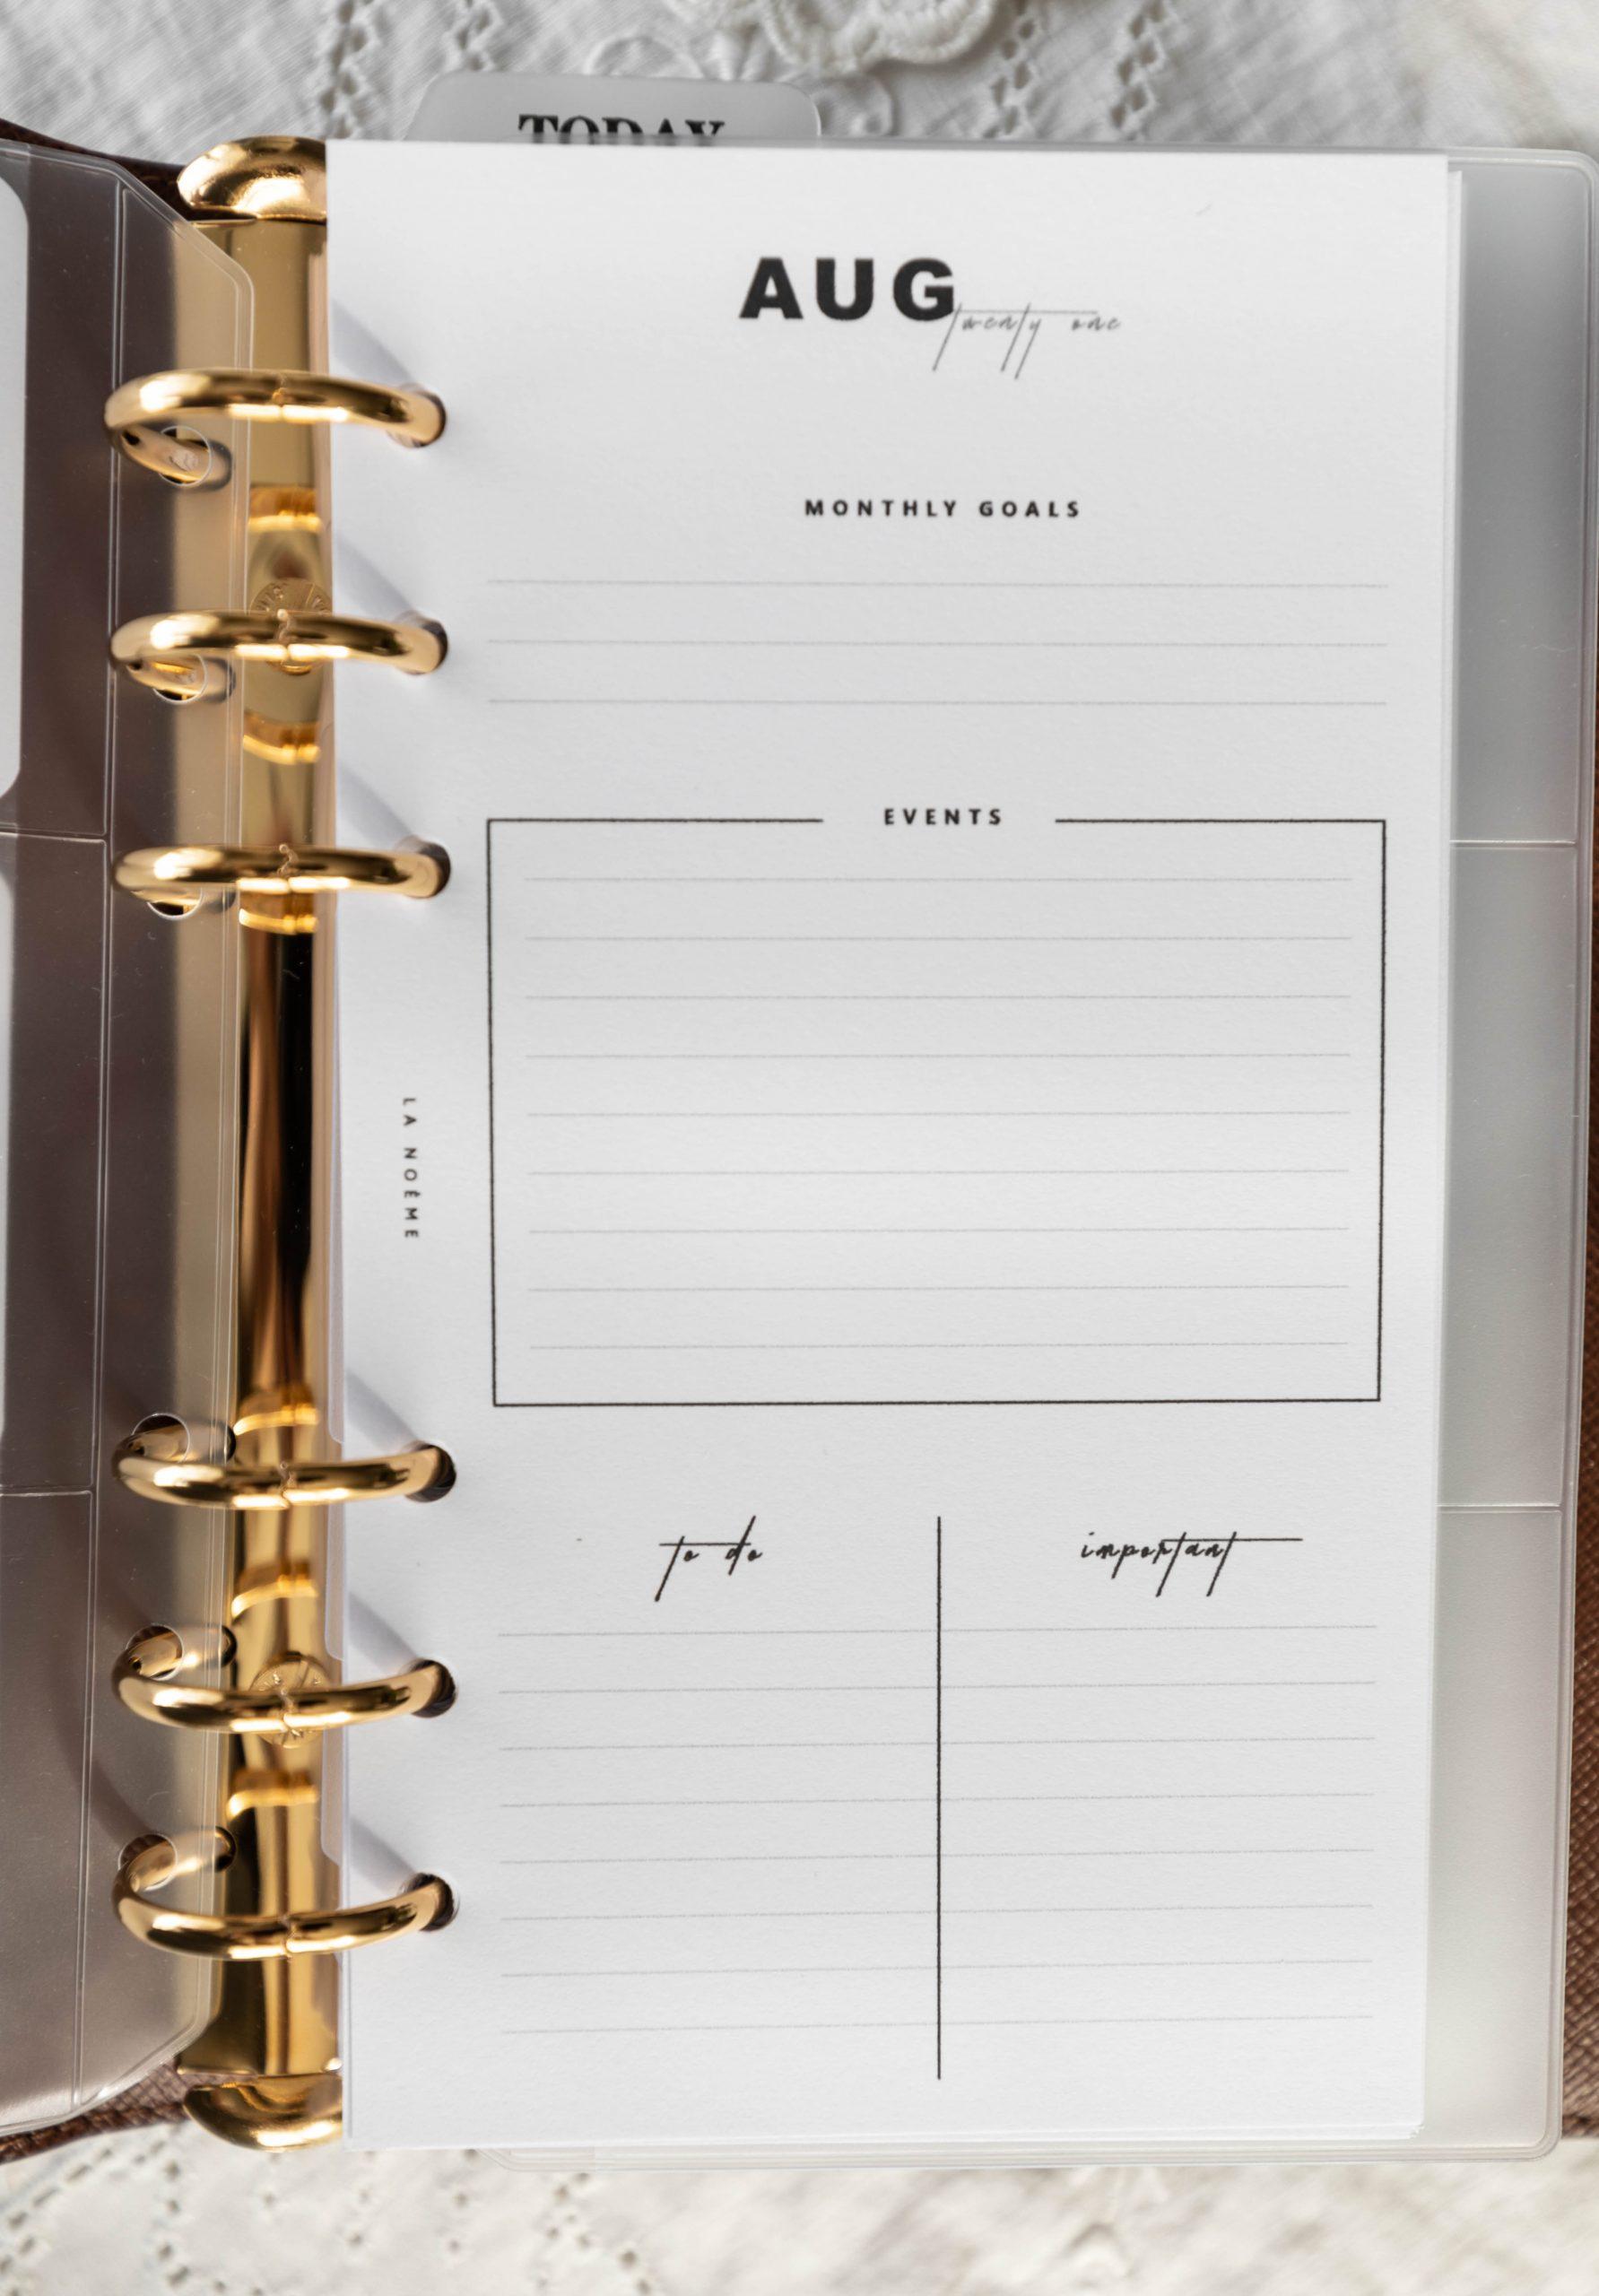 Monthly Agenda Overview Louis Vuitton Agenda Setup and Organization by Annie Fairfax